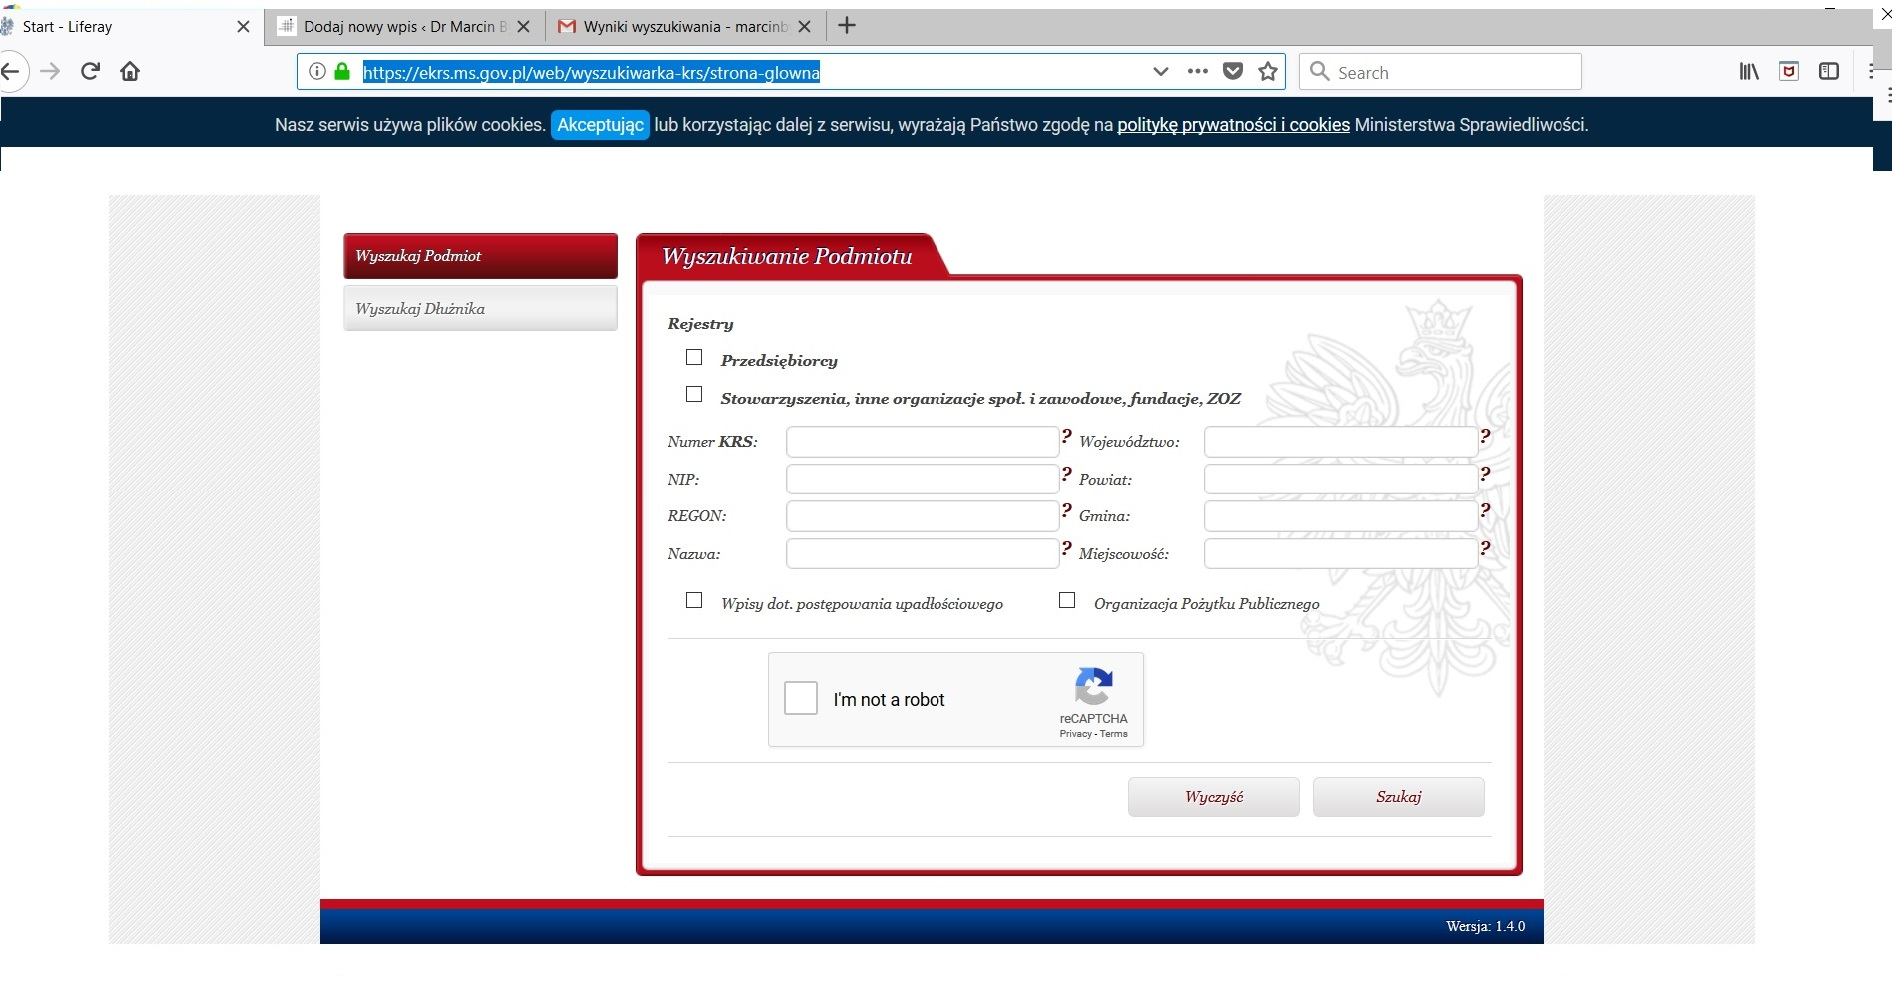 Wie Kann Man Den Handelsregisterauszug Einer Polnischen Firma